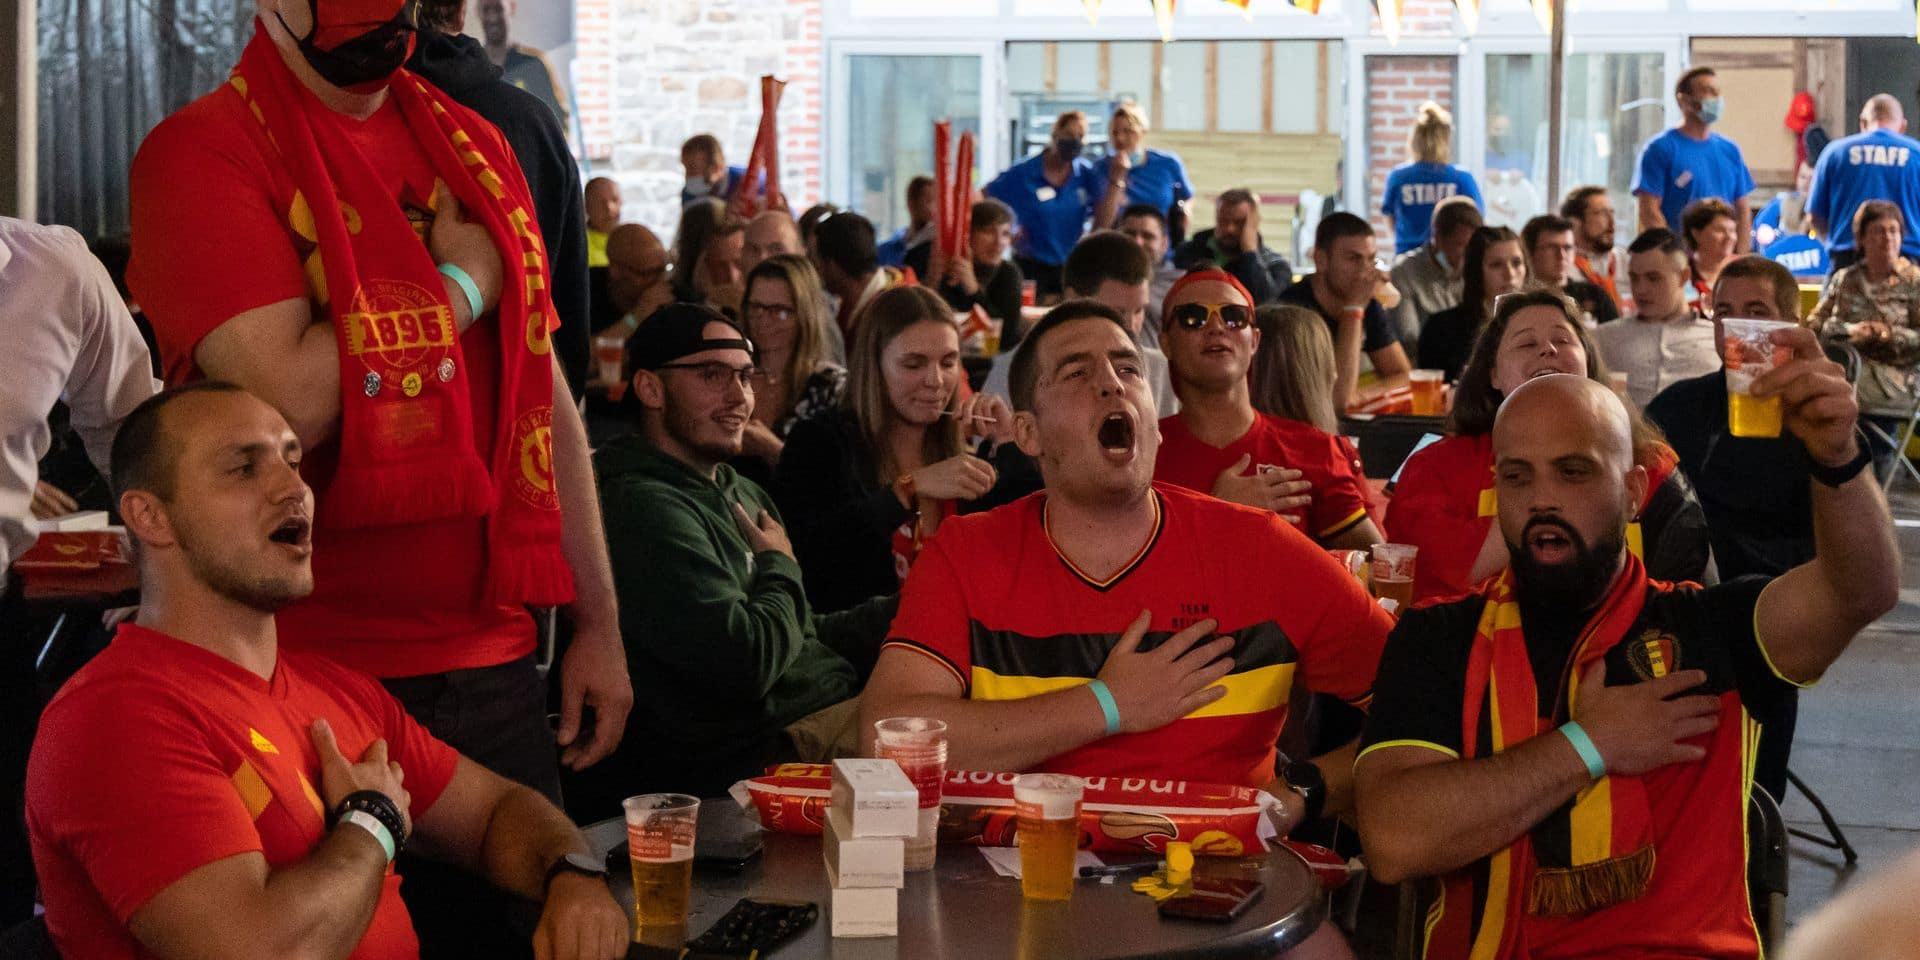 Ils étaient 300 supporters à avoir regardé Belgique-Grèce sur écran géant: résultats très encourageants pour l'événement-test!